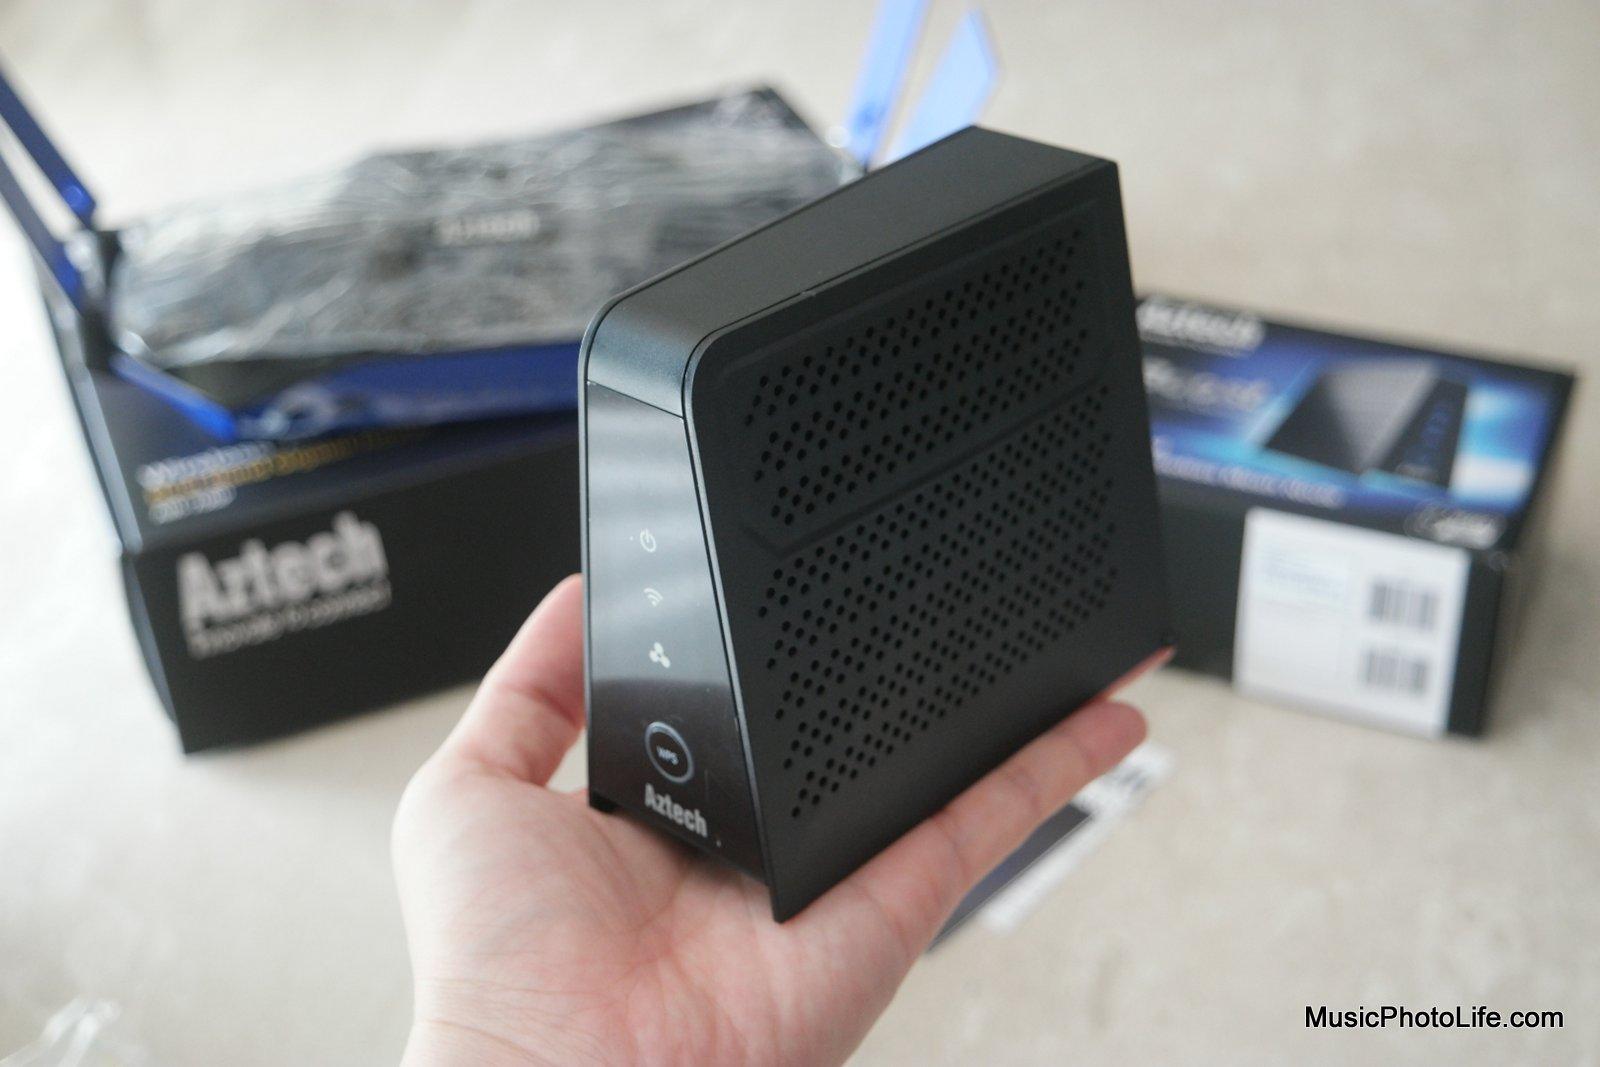 Aztech WMB260(AC) mesh node review by musicphotolife.com